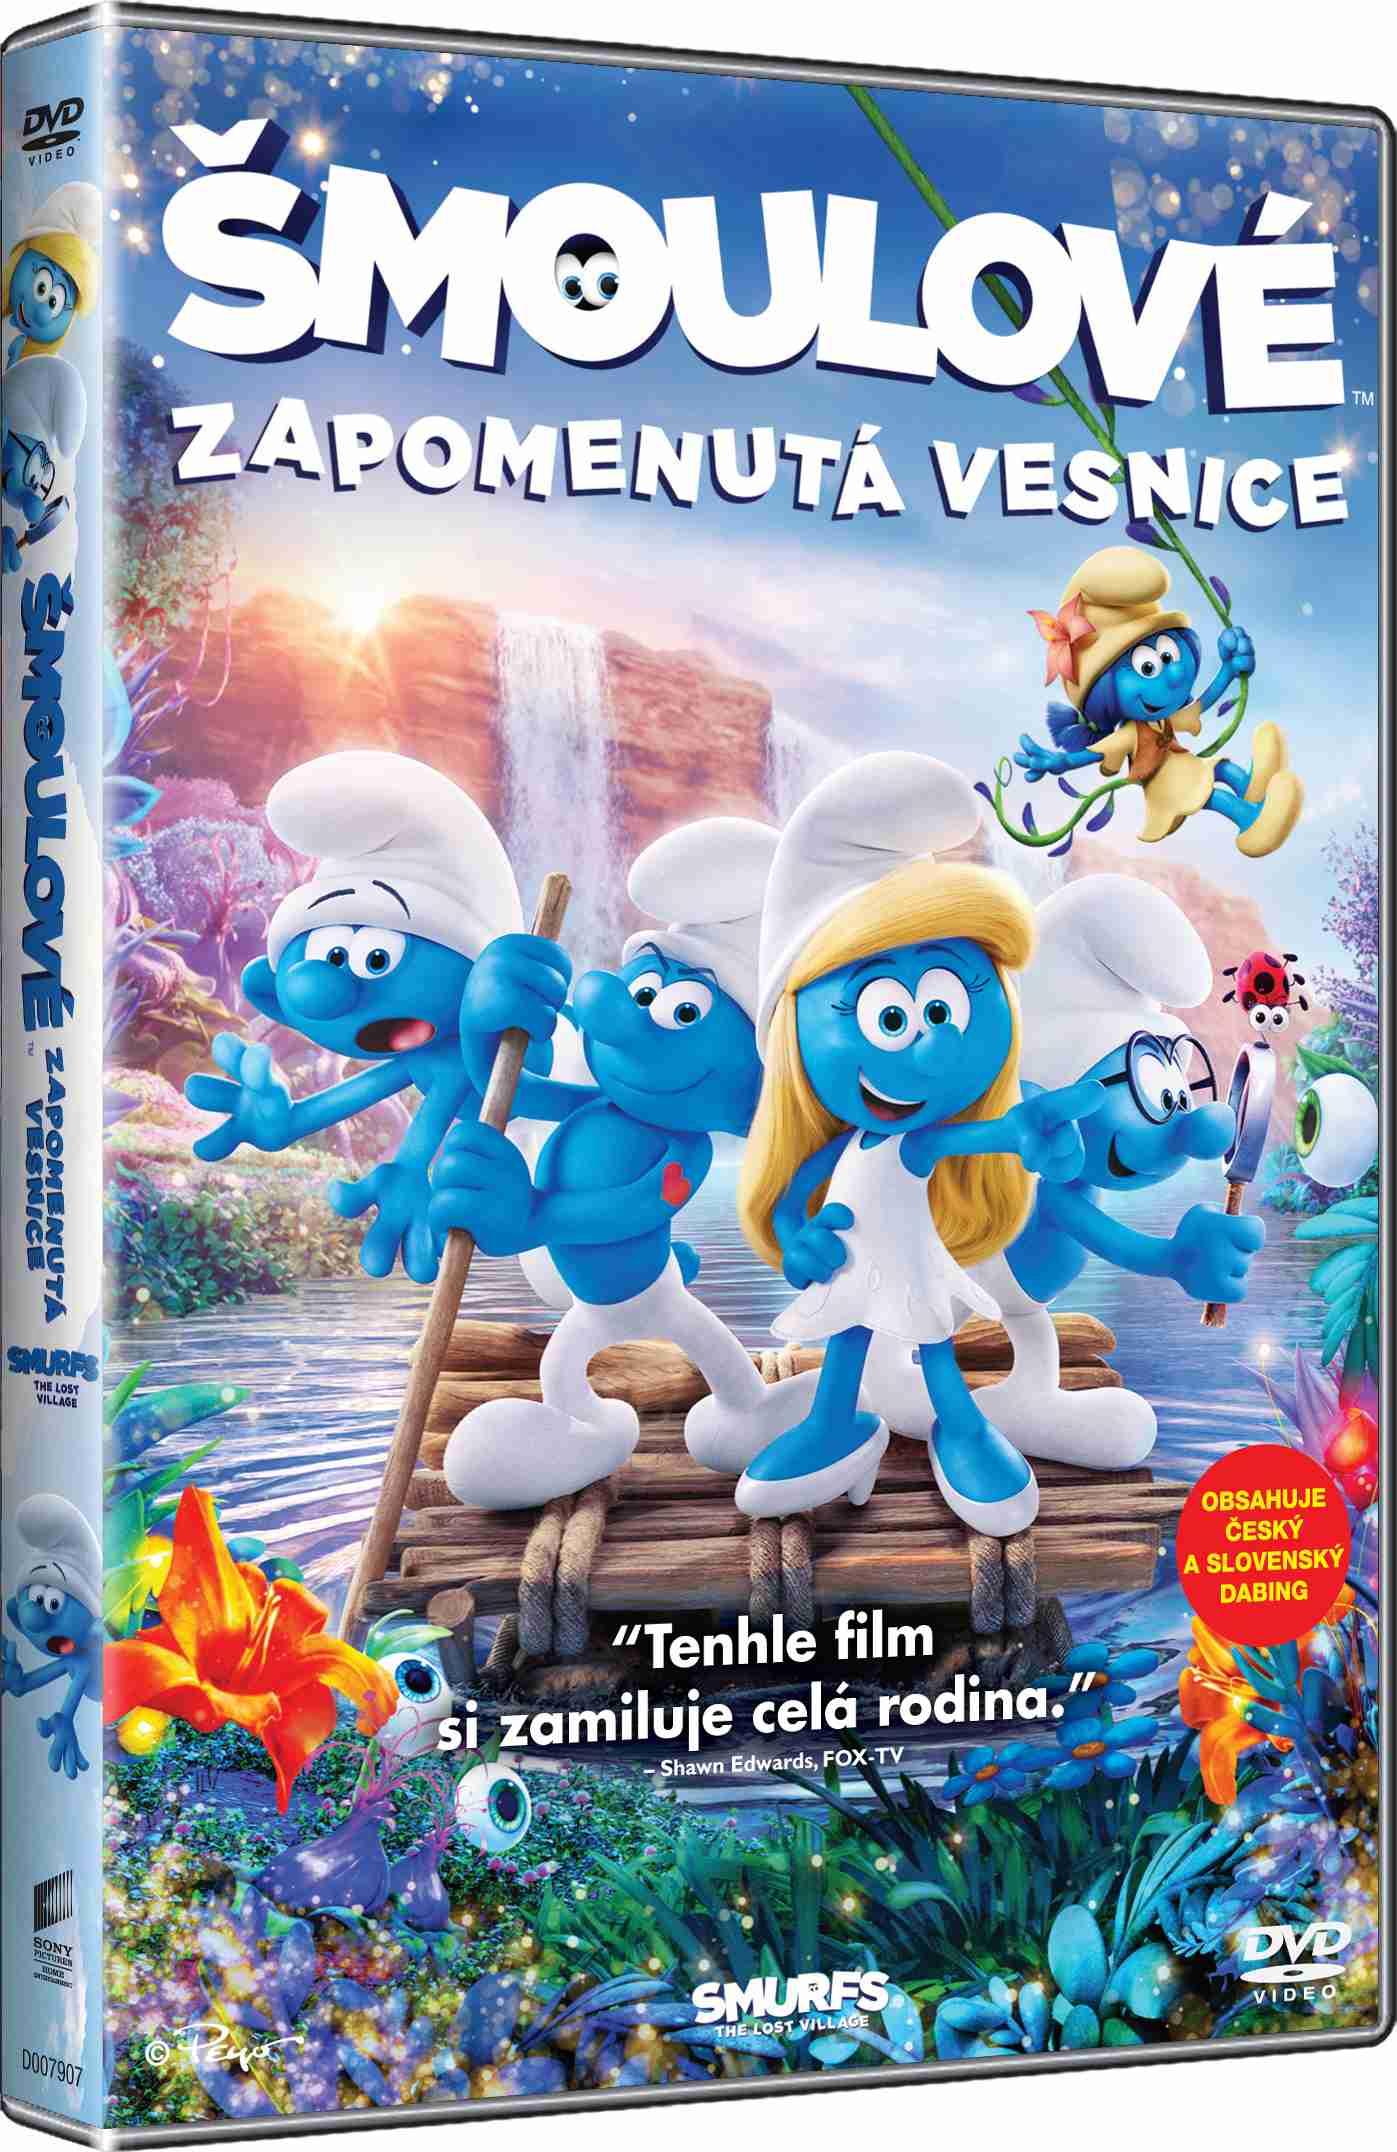 ŠMOULOVÉ: ZAPOMENUTÁ VESNICE - DVD